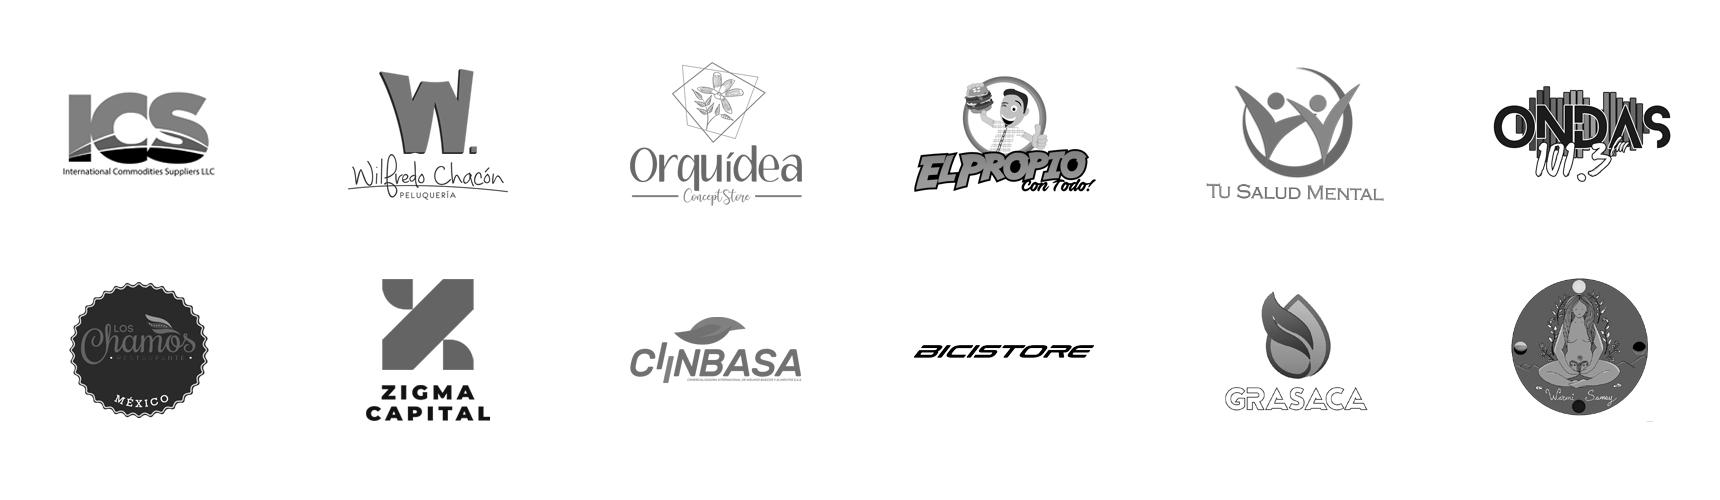 International Commodities Suppliers LLC, Wilfredo Chacón Peluquerías, Orquídea Concept Store, El Propio Restaurante, Tu Salud Mental, Ondas 101.3FM, Los Chamos Restaurante, Zigma Capital S.A.S., Ciinbasa, Bicistore, Grasas San Carlos C.A. Grasaca, Warmi Samay